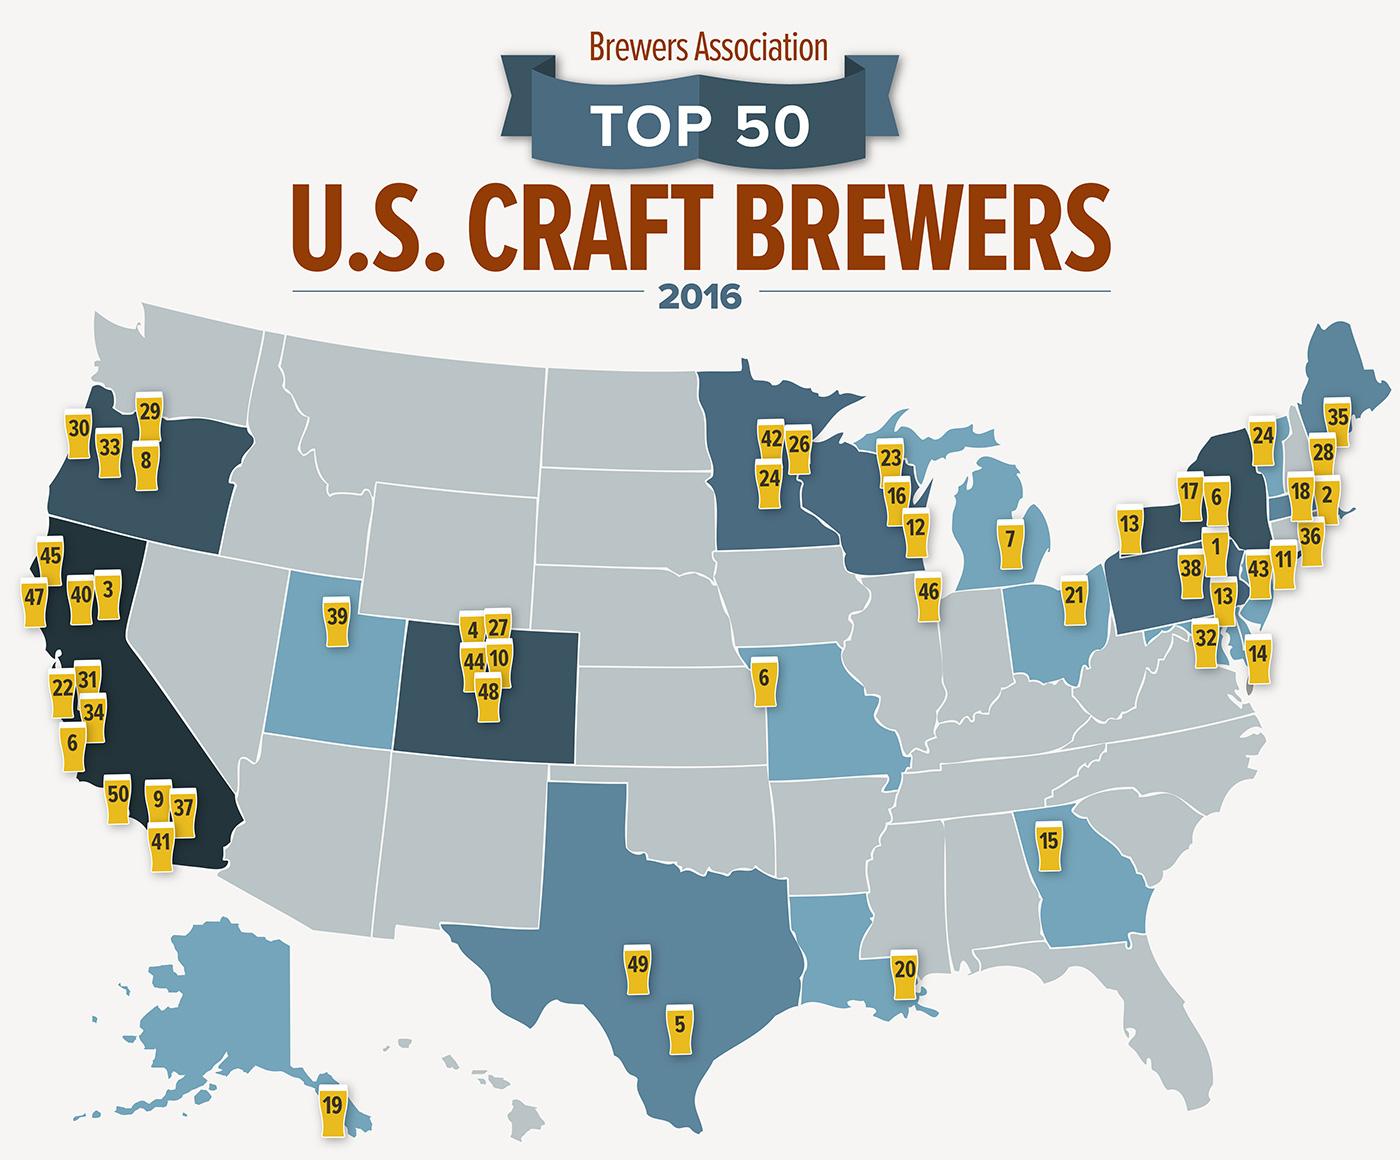 Топ-50 пивоварен США по итогам 2016 года